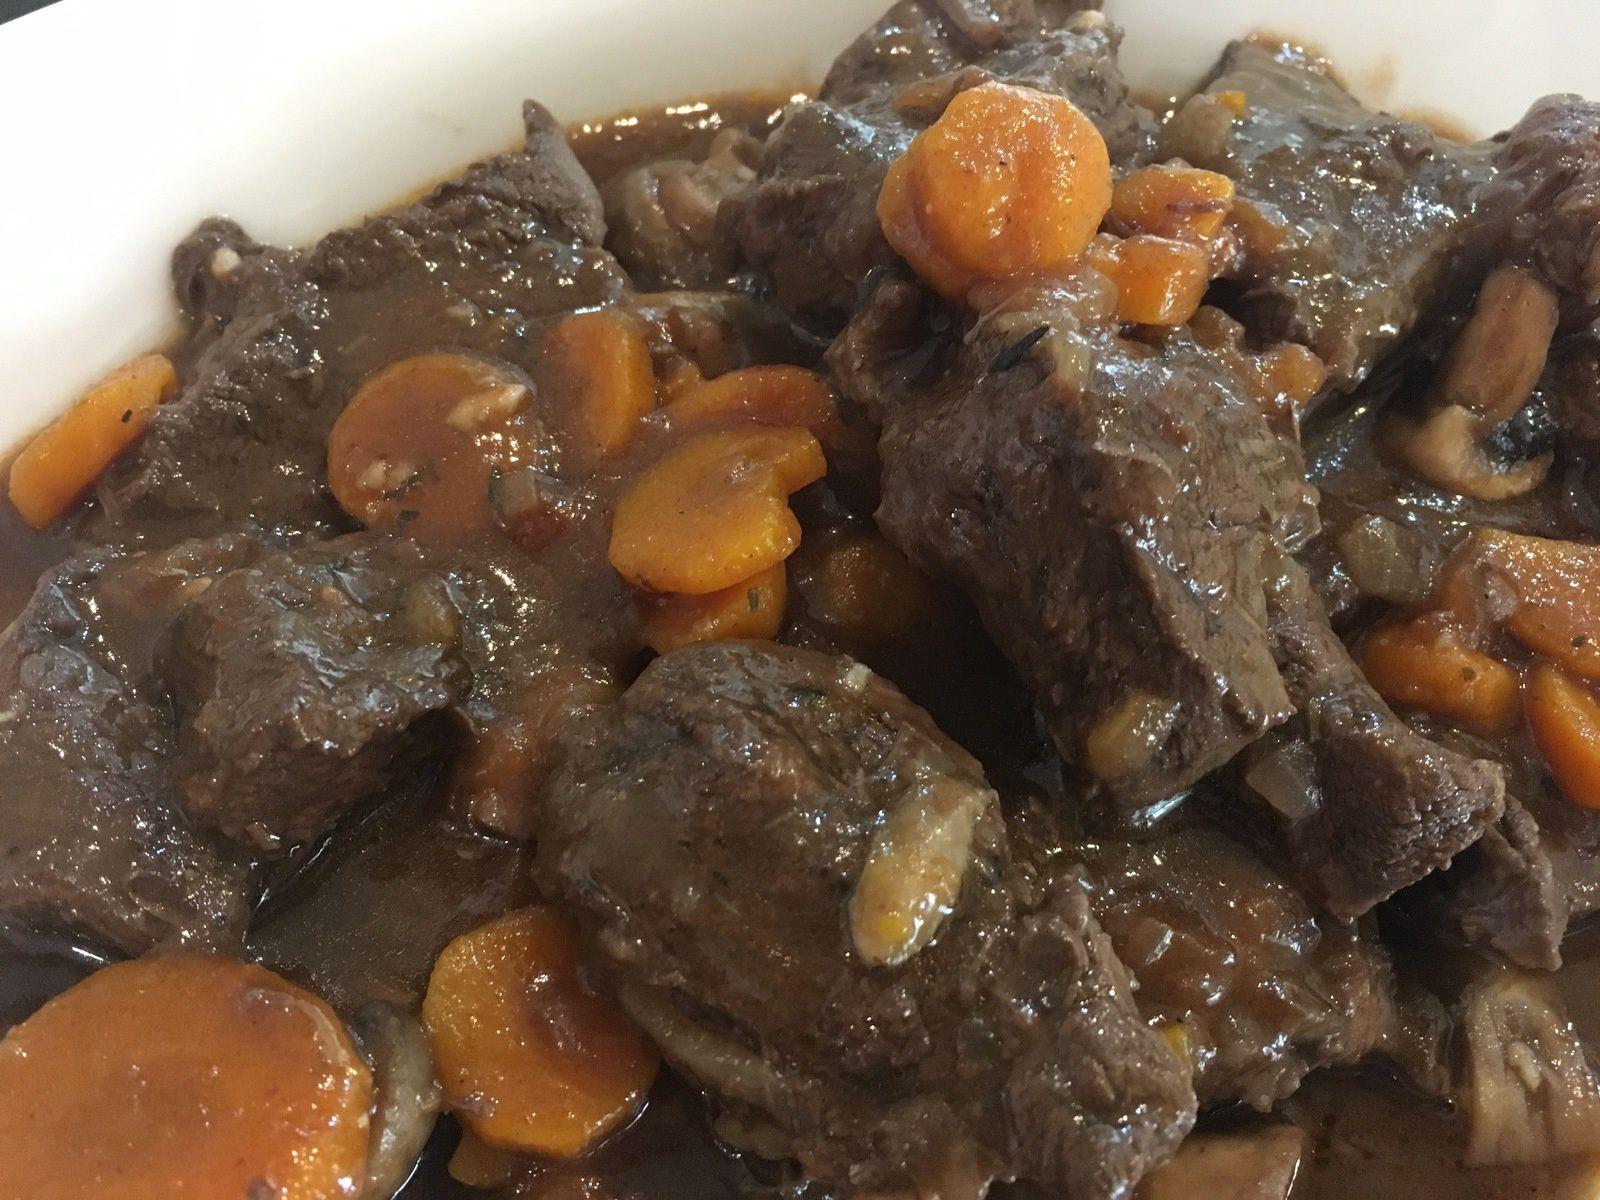 Comme tout bœuf Bourguignon, le secret c'est d'avoir de la patience : la préparation mijote gentillement pendant 4 heures... C'est un plat qui se mérite !